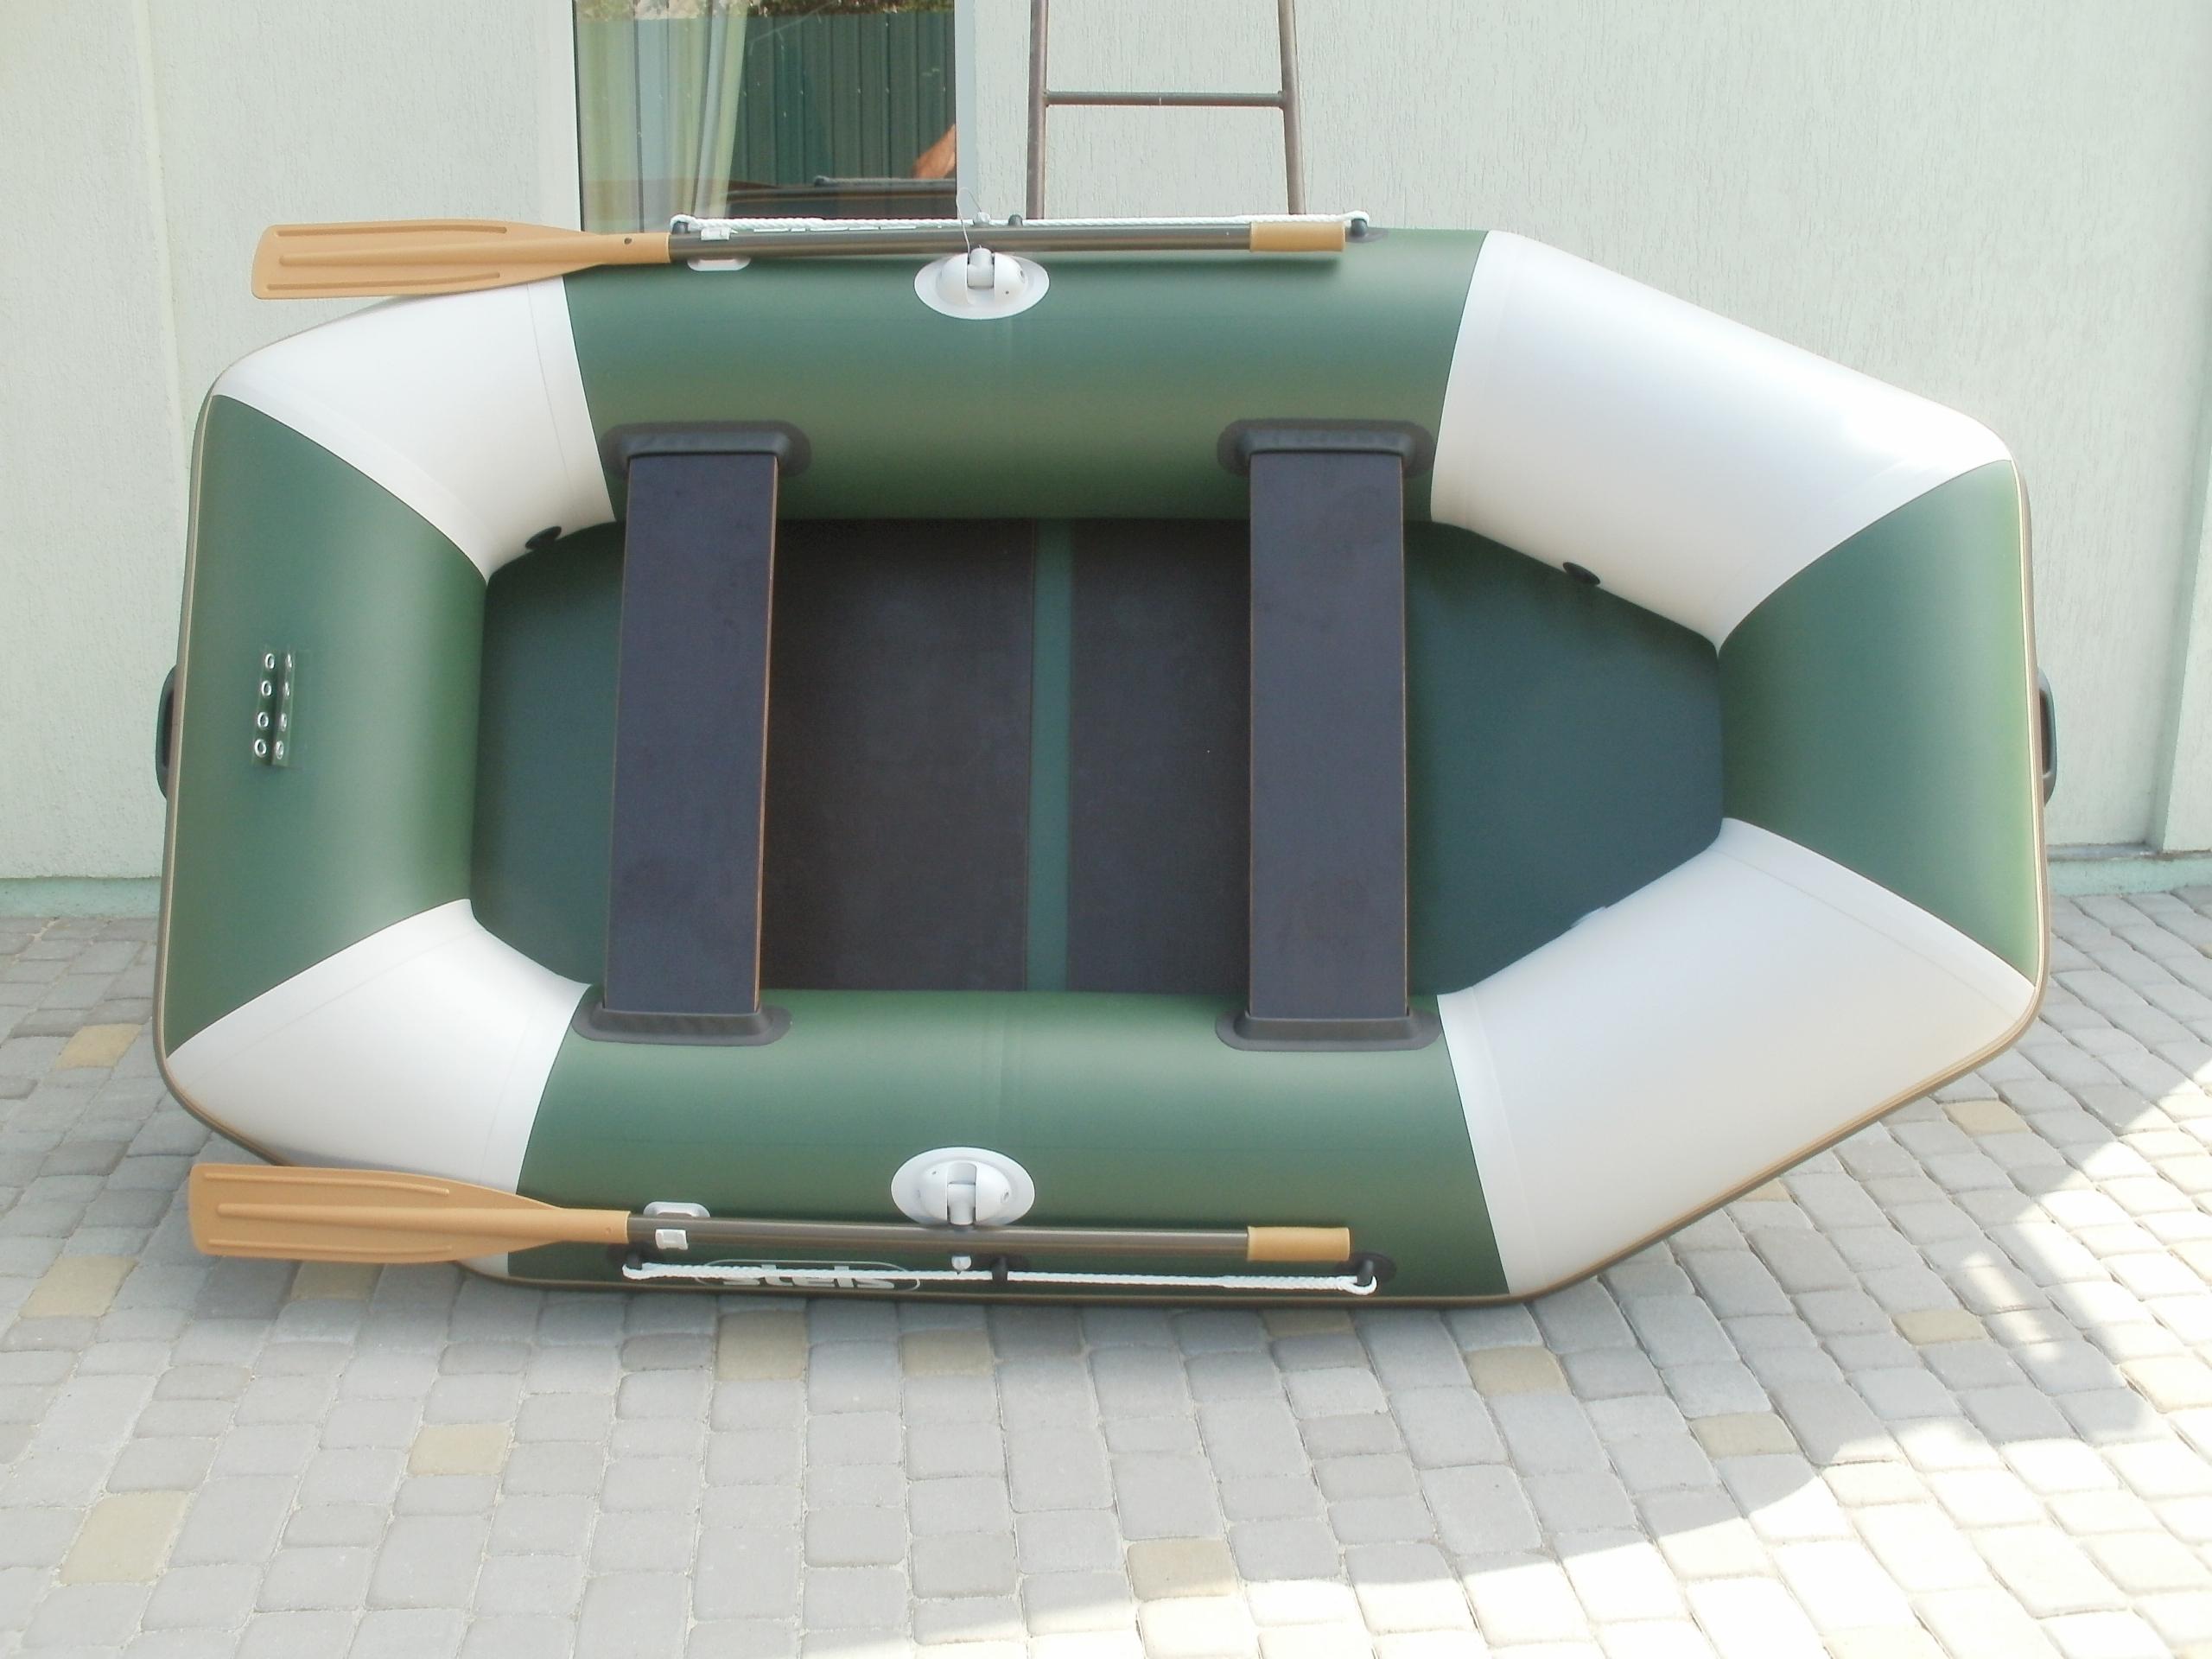 лодки плотность 900